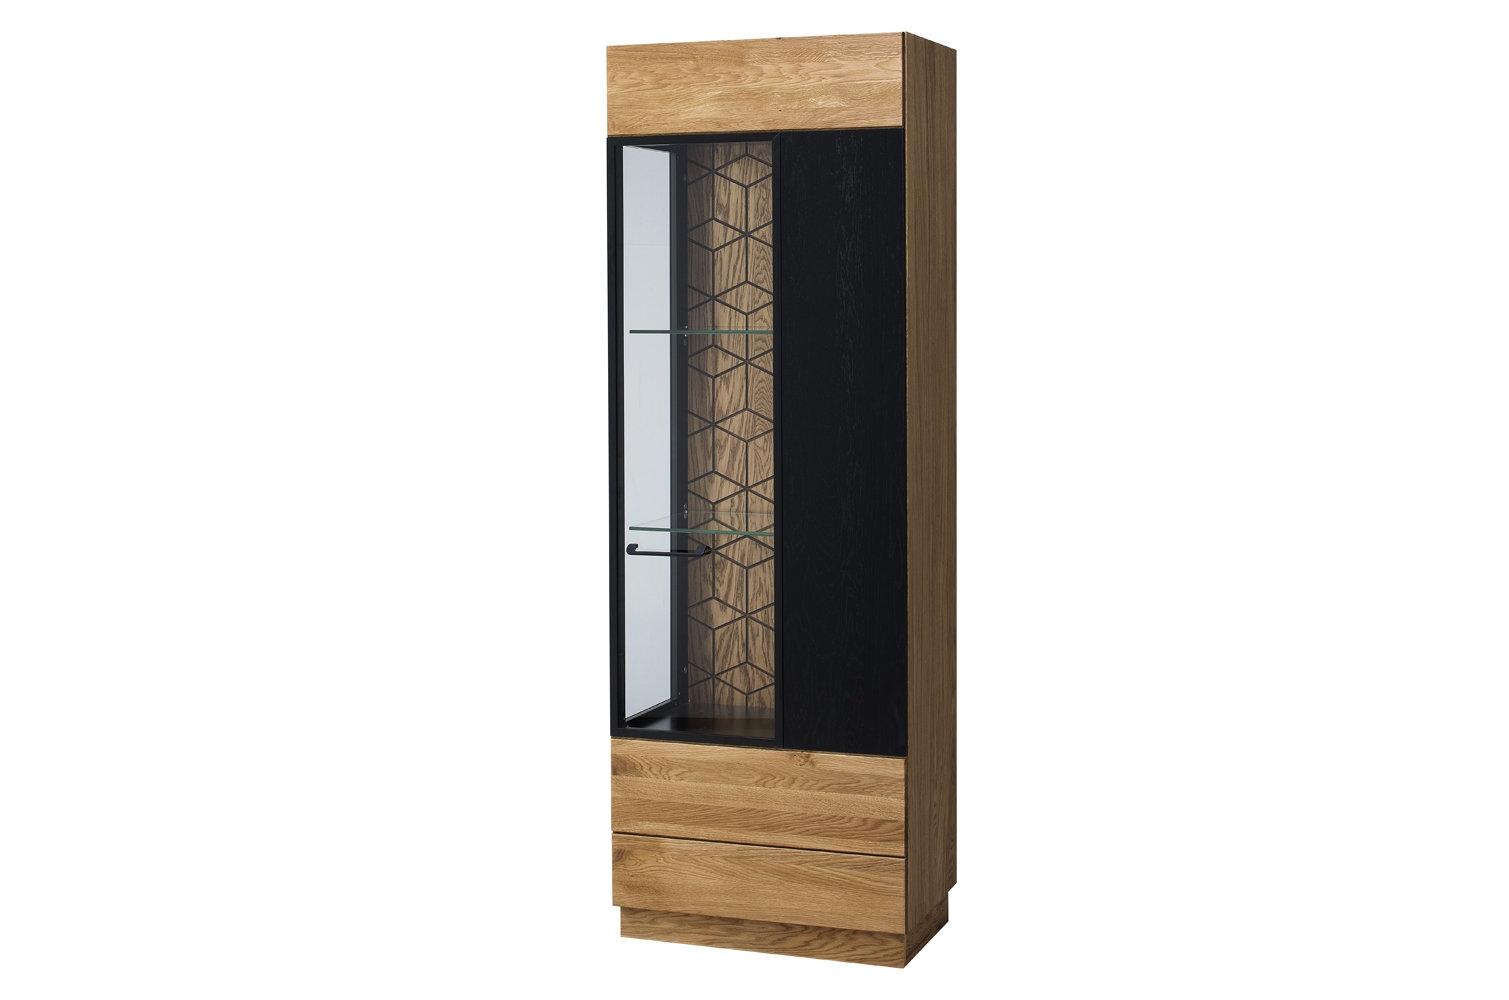 Vitrina din lemn si furnir, cu 1 usa Mosaic 11 Stejar / Negru, l67xA42xH196 cm imagine